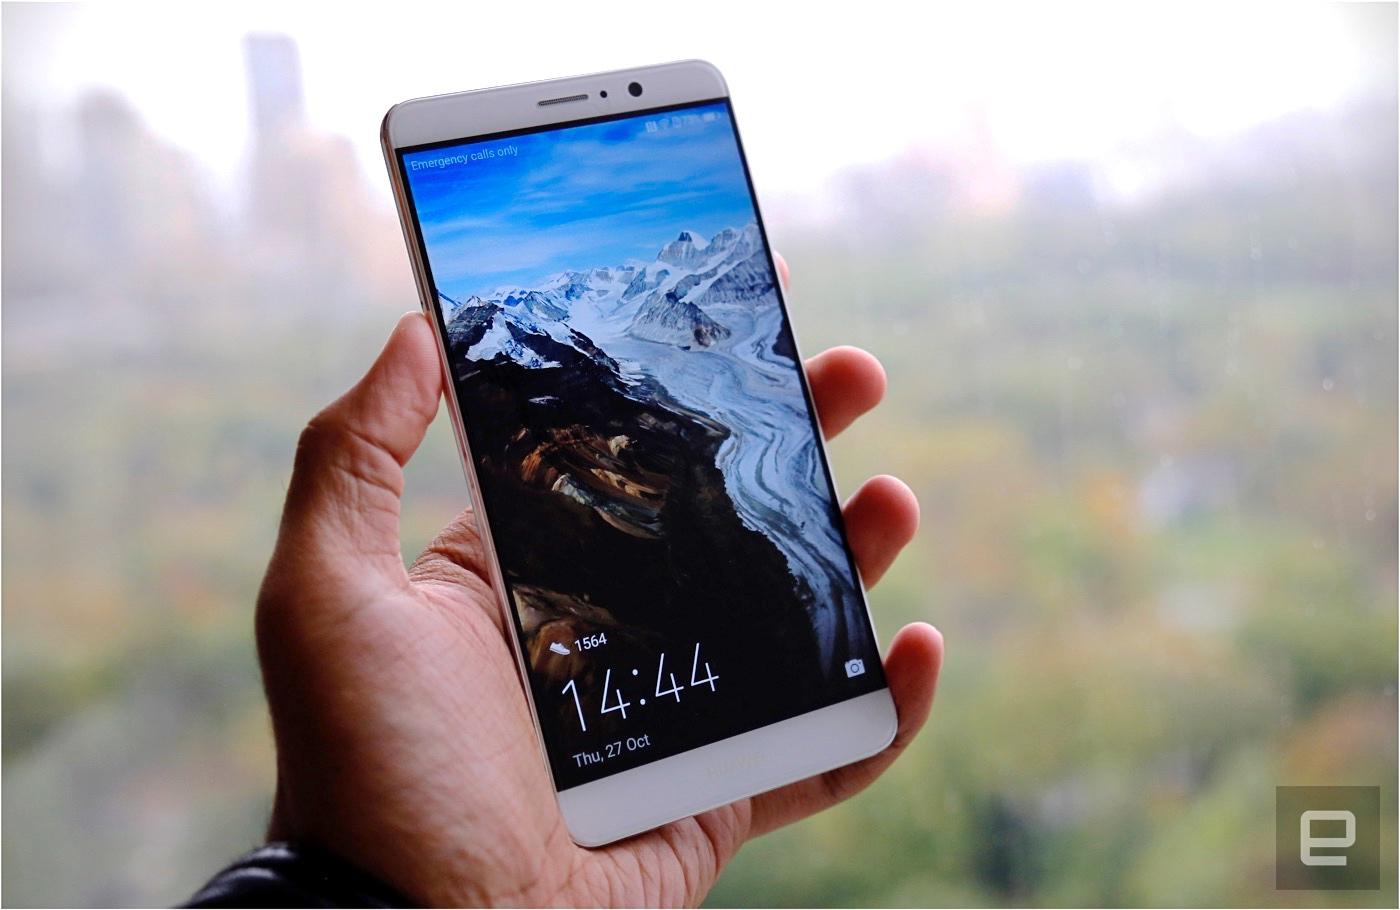 華為 Mate 9 想成為更「聰明」的智慧型手機(更新:另有 5.5 吋 2K 曲面螢幕版本)